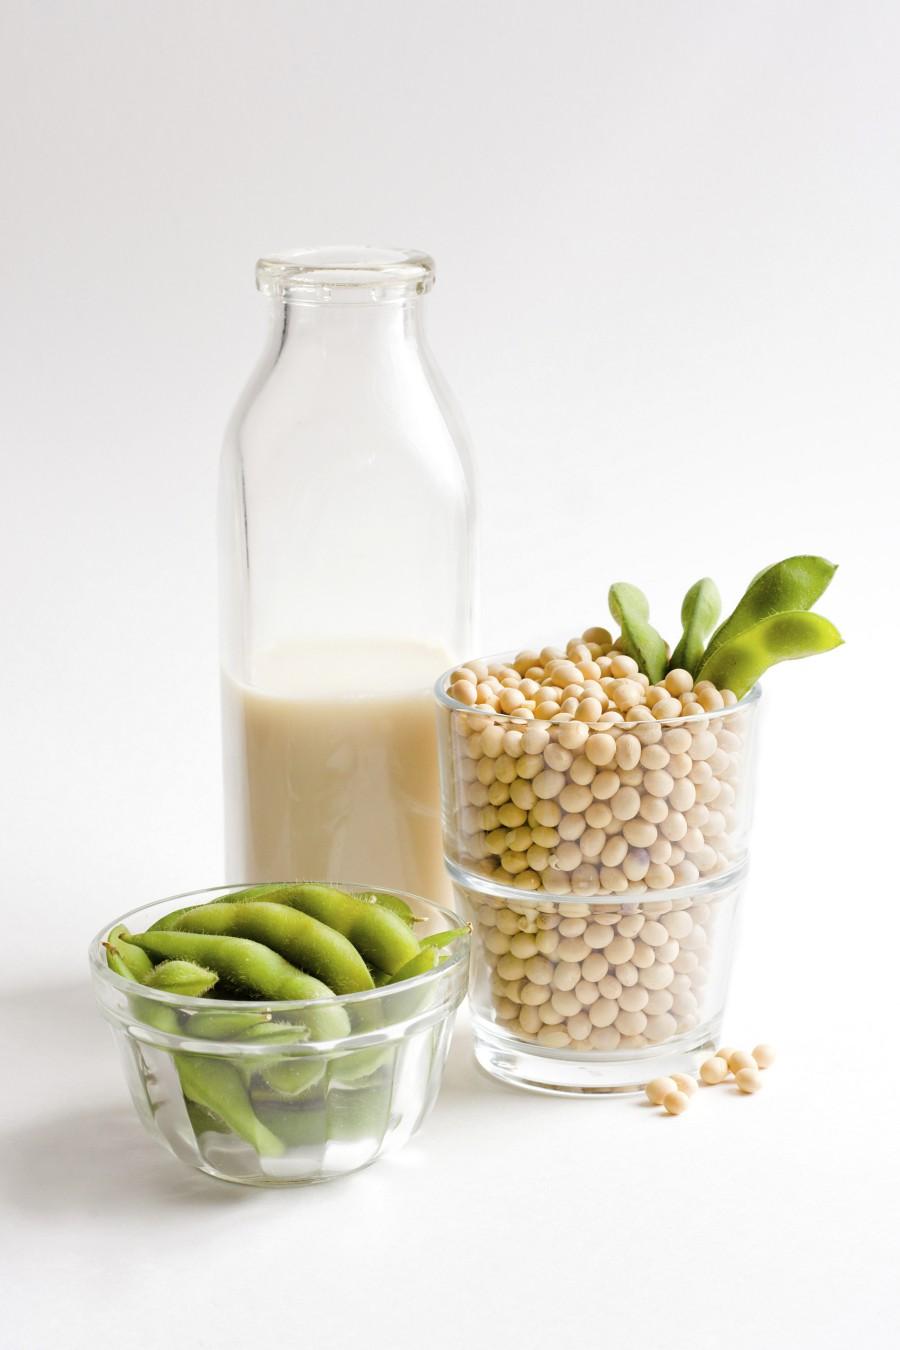 Sója – vzácna plodina pre vegetariánov & obrovská hrozba pre spoločnosť